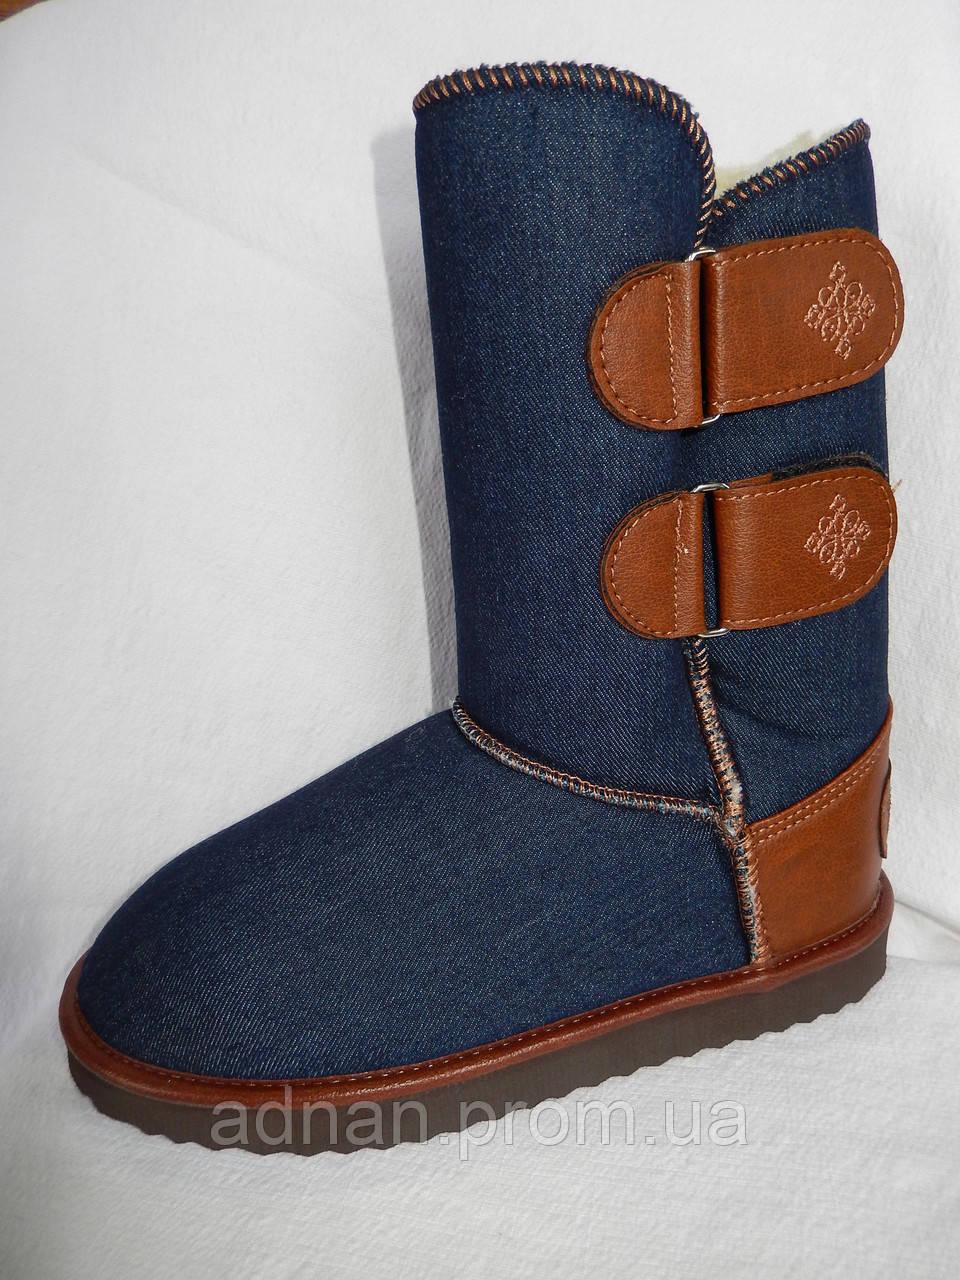 Уги женские, 6 размеров в упаковке, под джинс Украина/ купить тапочки оптом